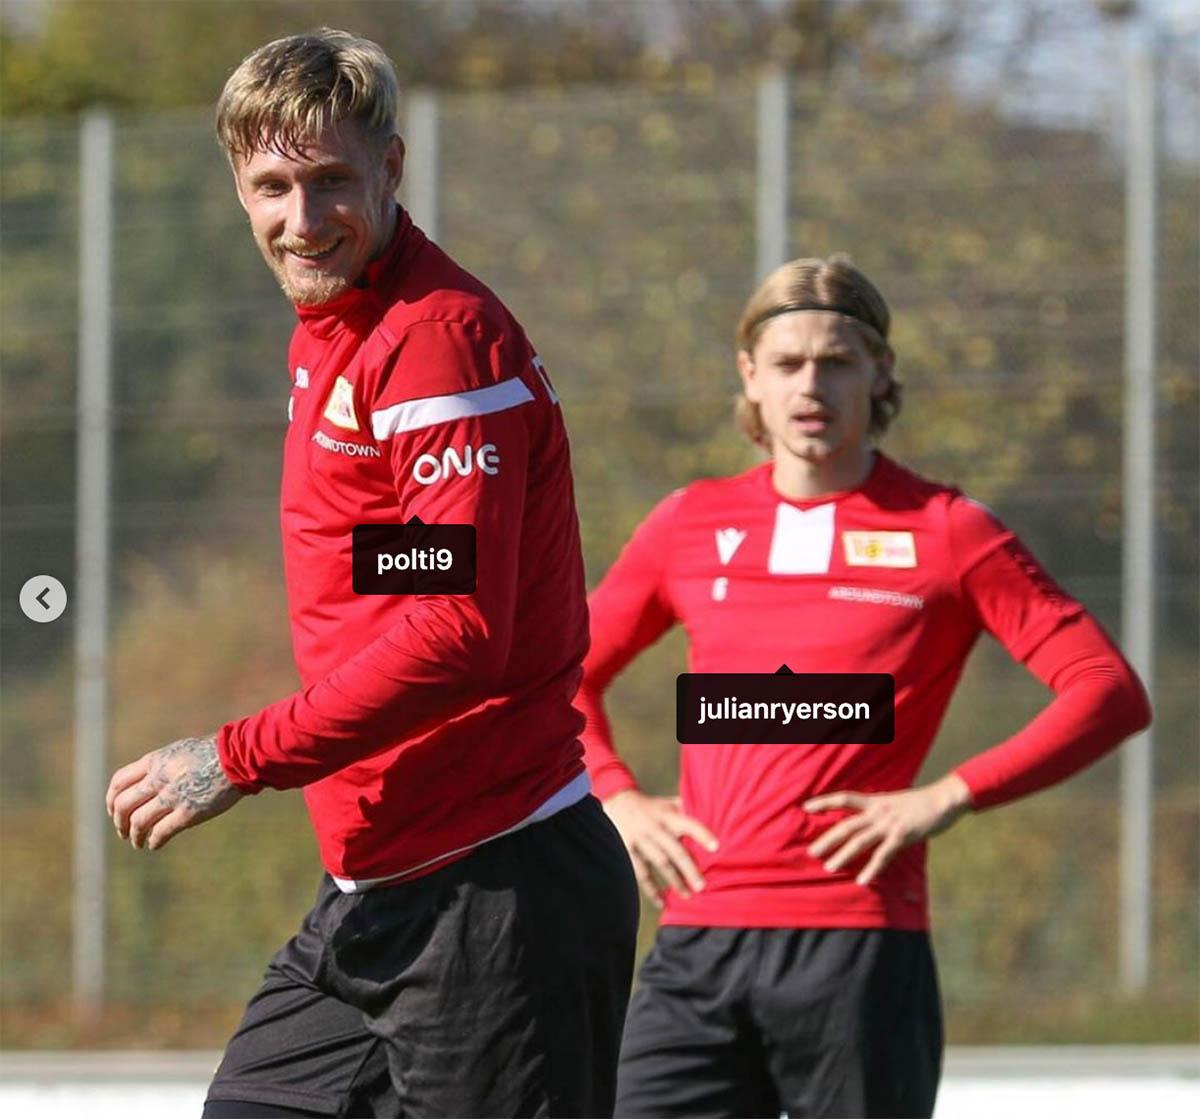 Sebastian Polter und Julian Ryerson (beide 1. FC Union Berlin) könnten gegen den SC Freiburg in die Mannschaft rotieren